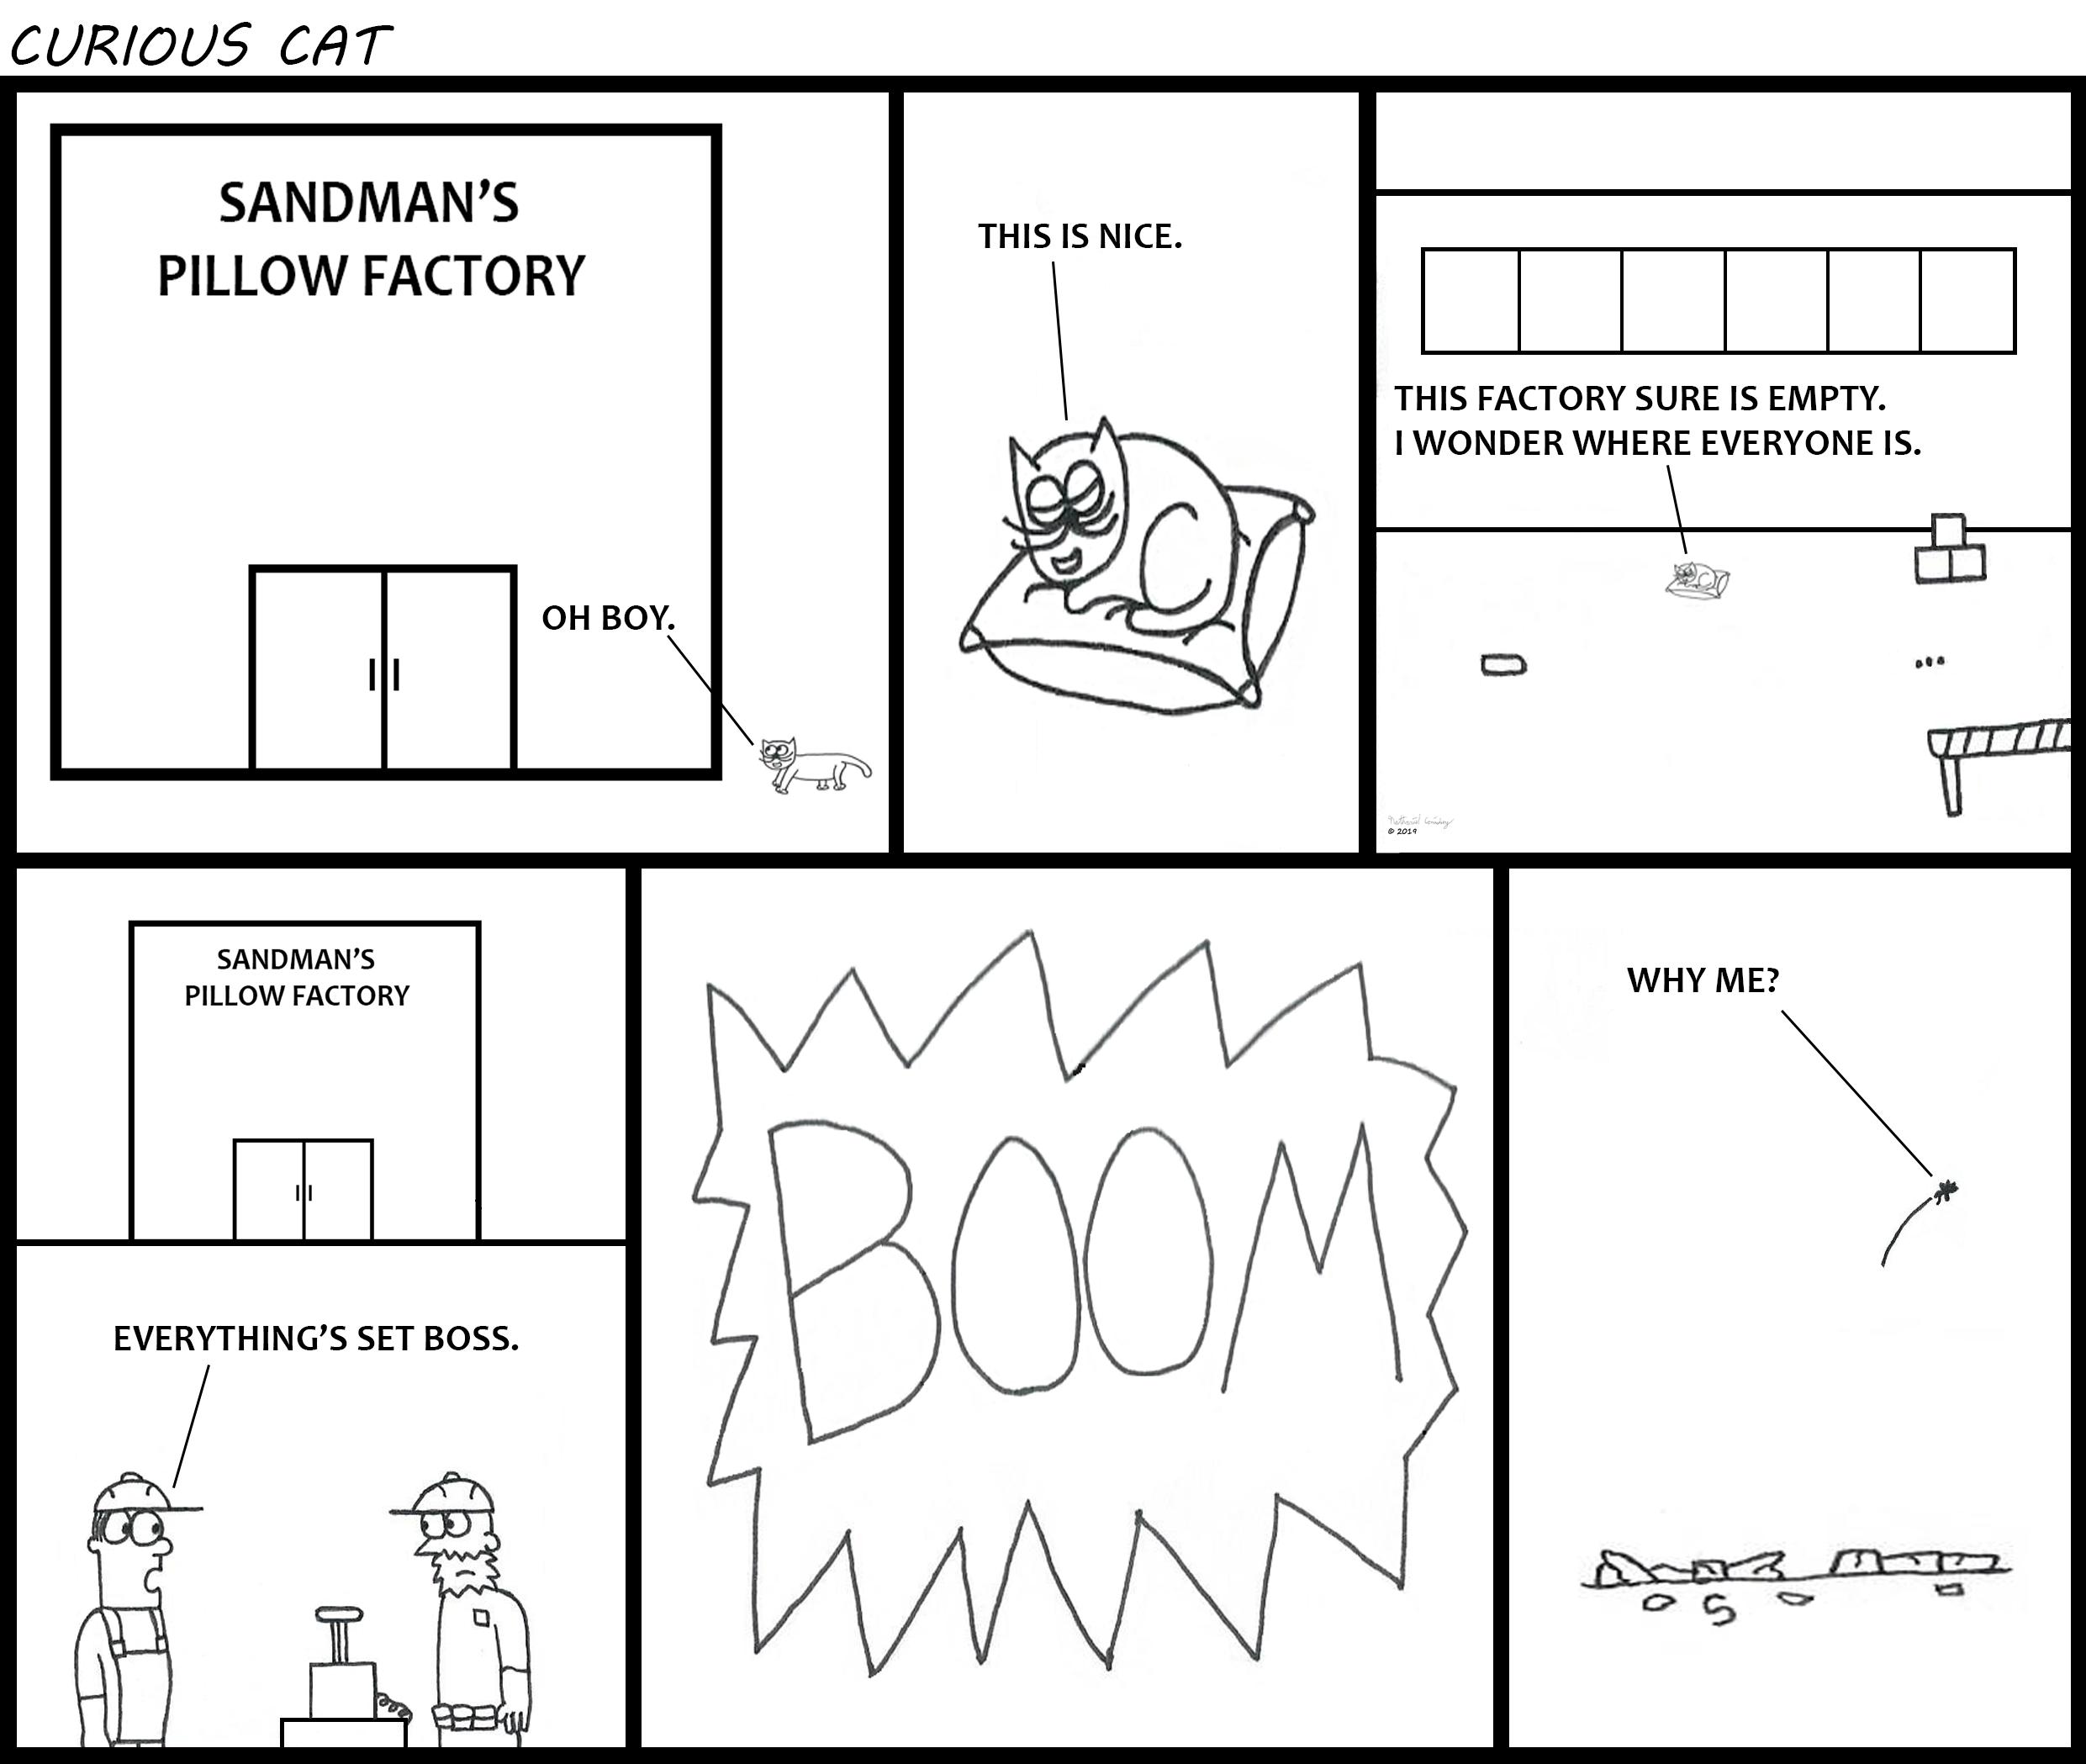 Curious Cat - Pillow Factory